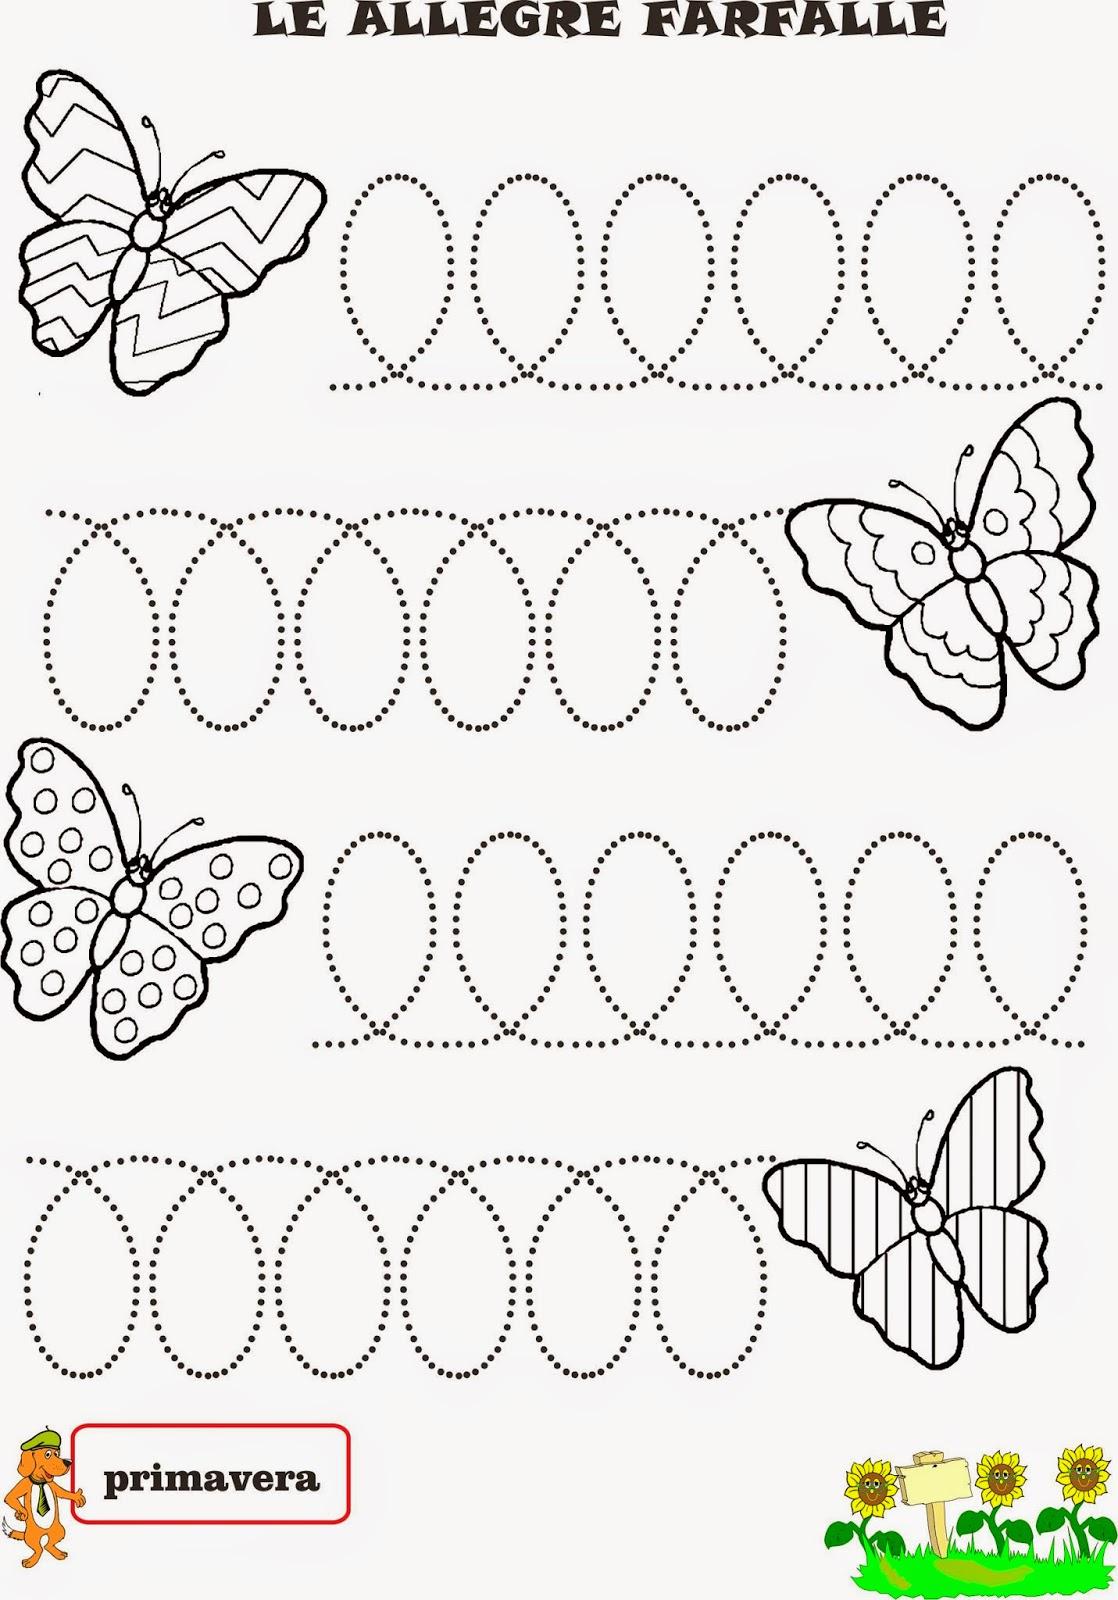 A Scuola Con Poldo Una Storia Primaverile La Farfalla E La Lumachina